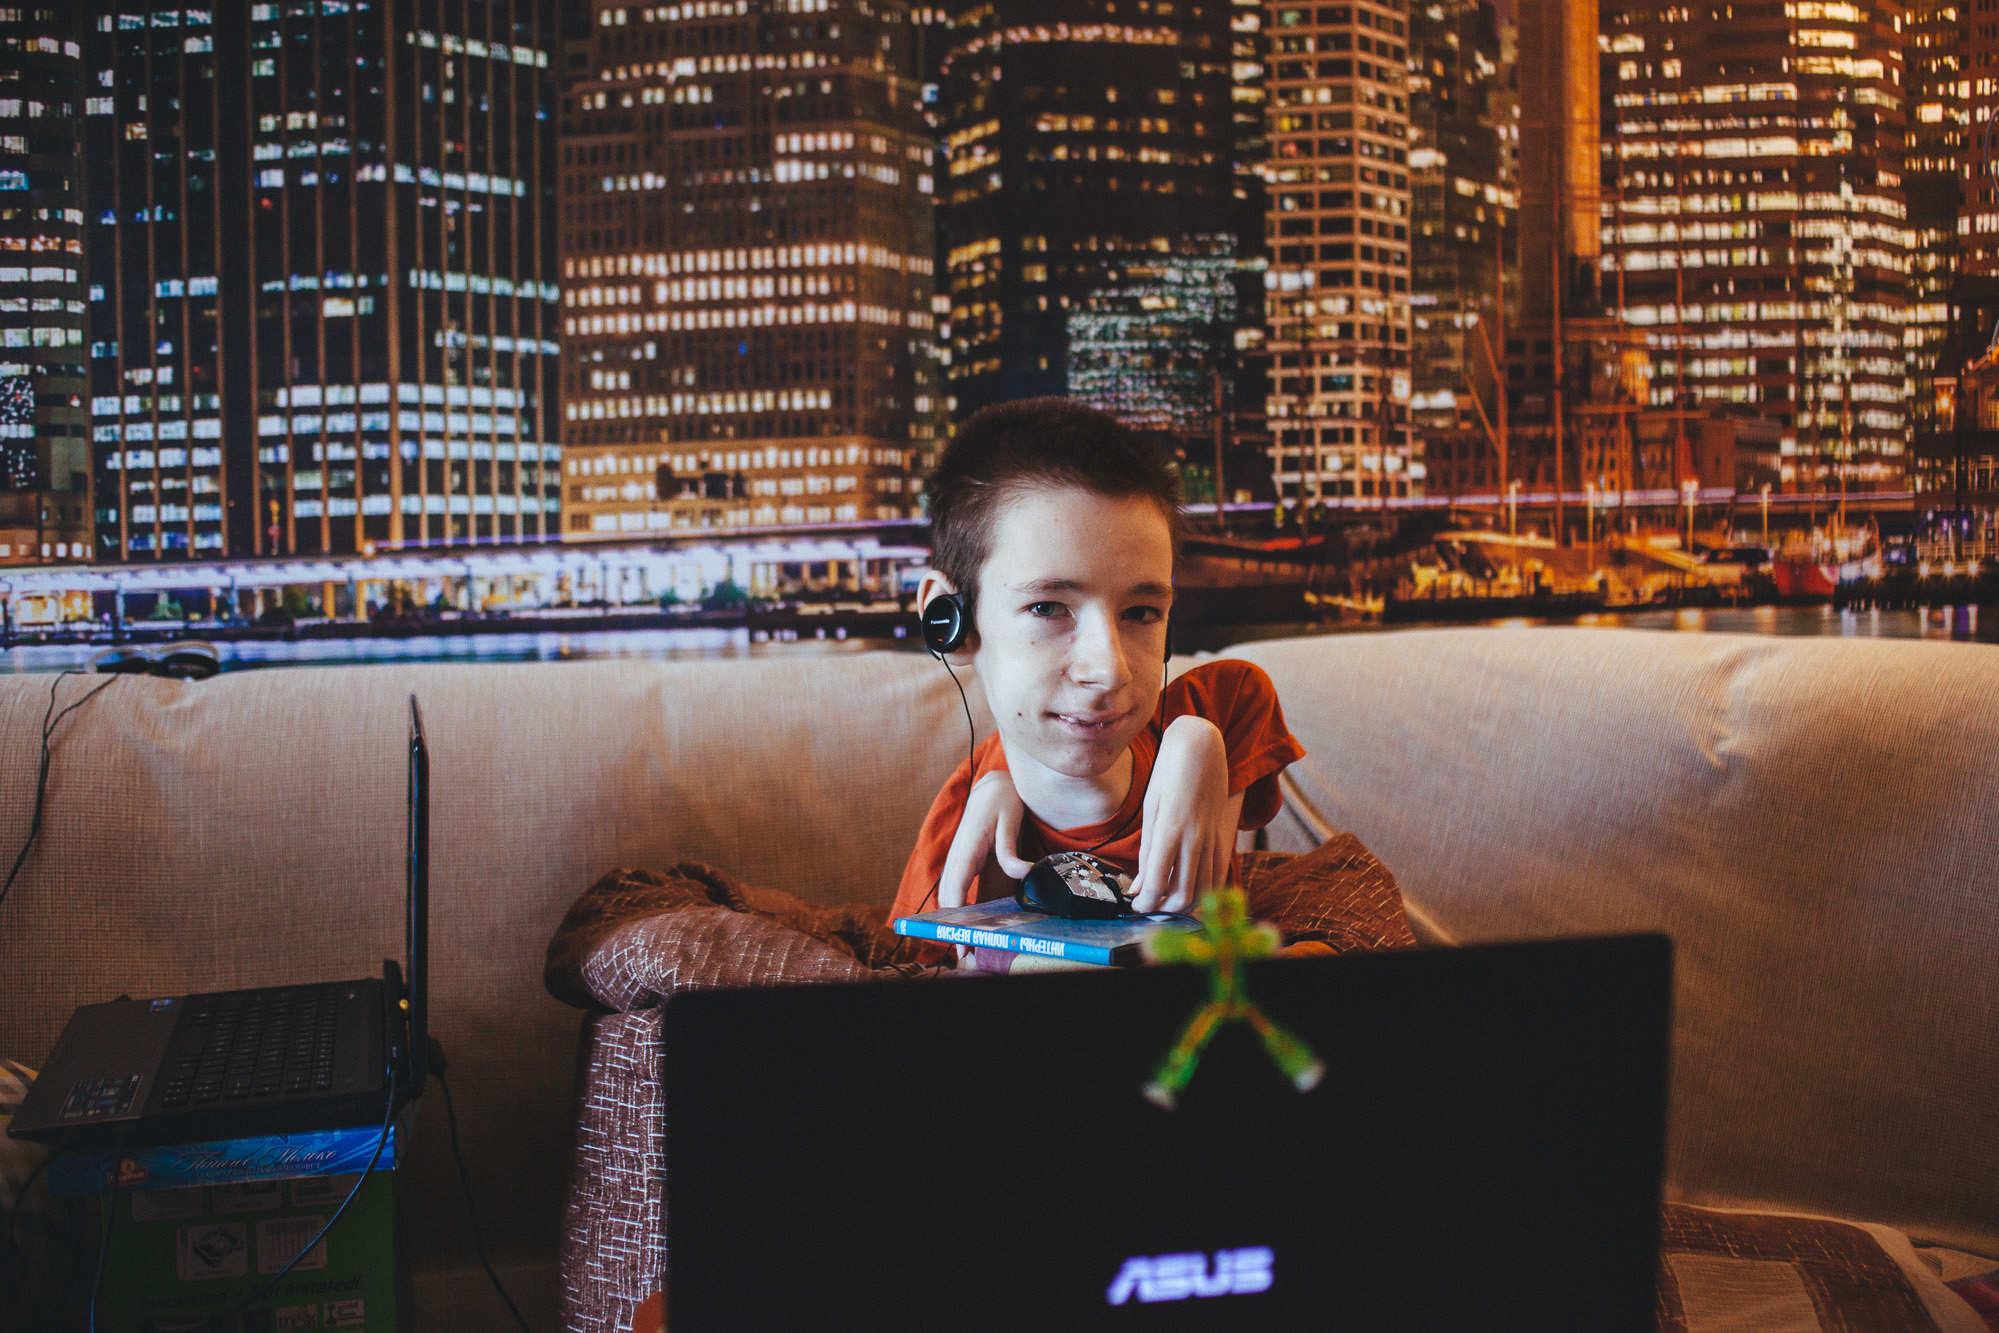 Сила взгляда. У Богдана двигаются только глаза, но он собирает автографы, занимается музыкой и помогает бабушке с компьютером